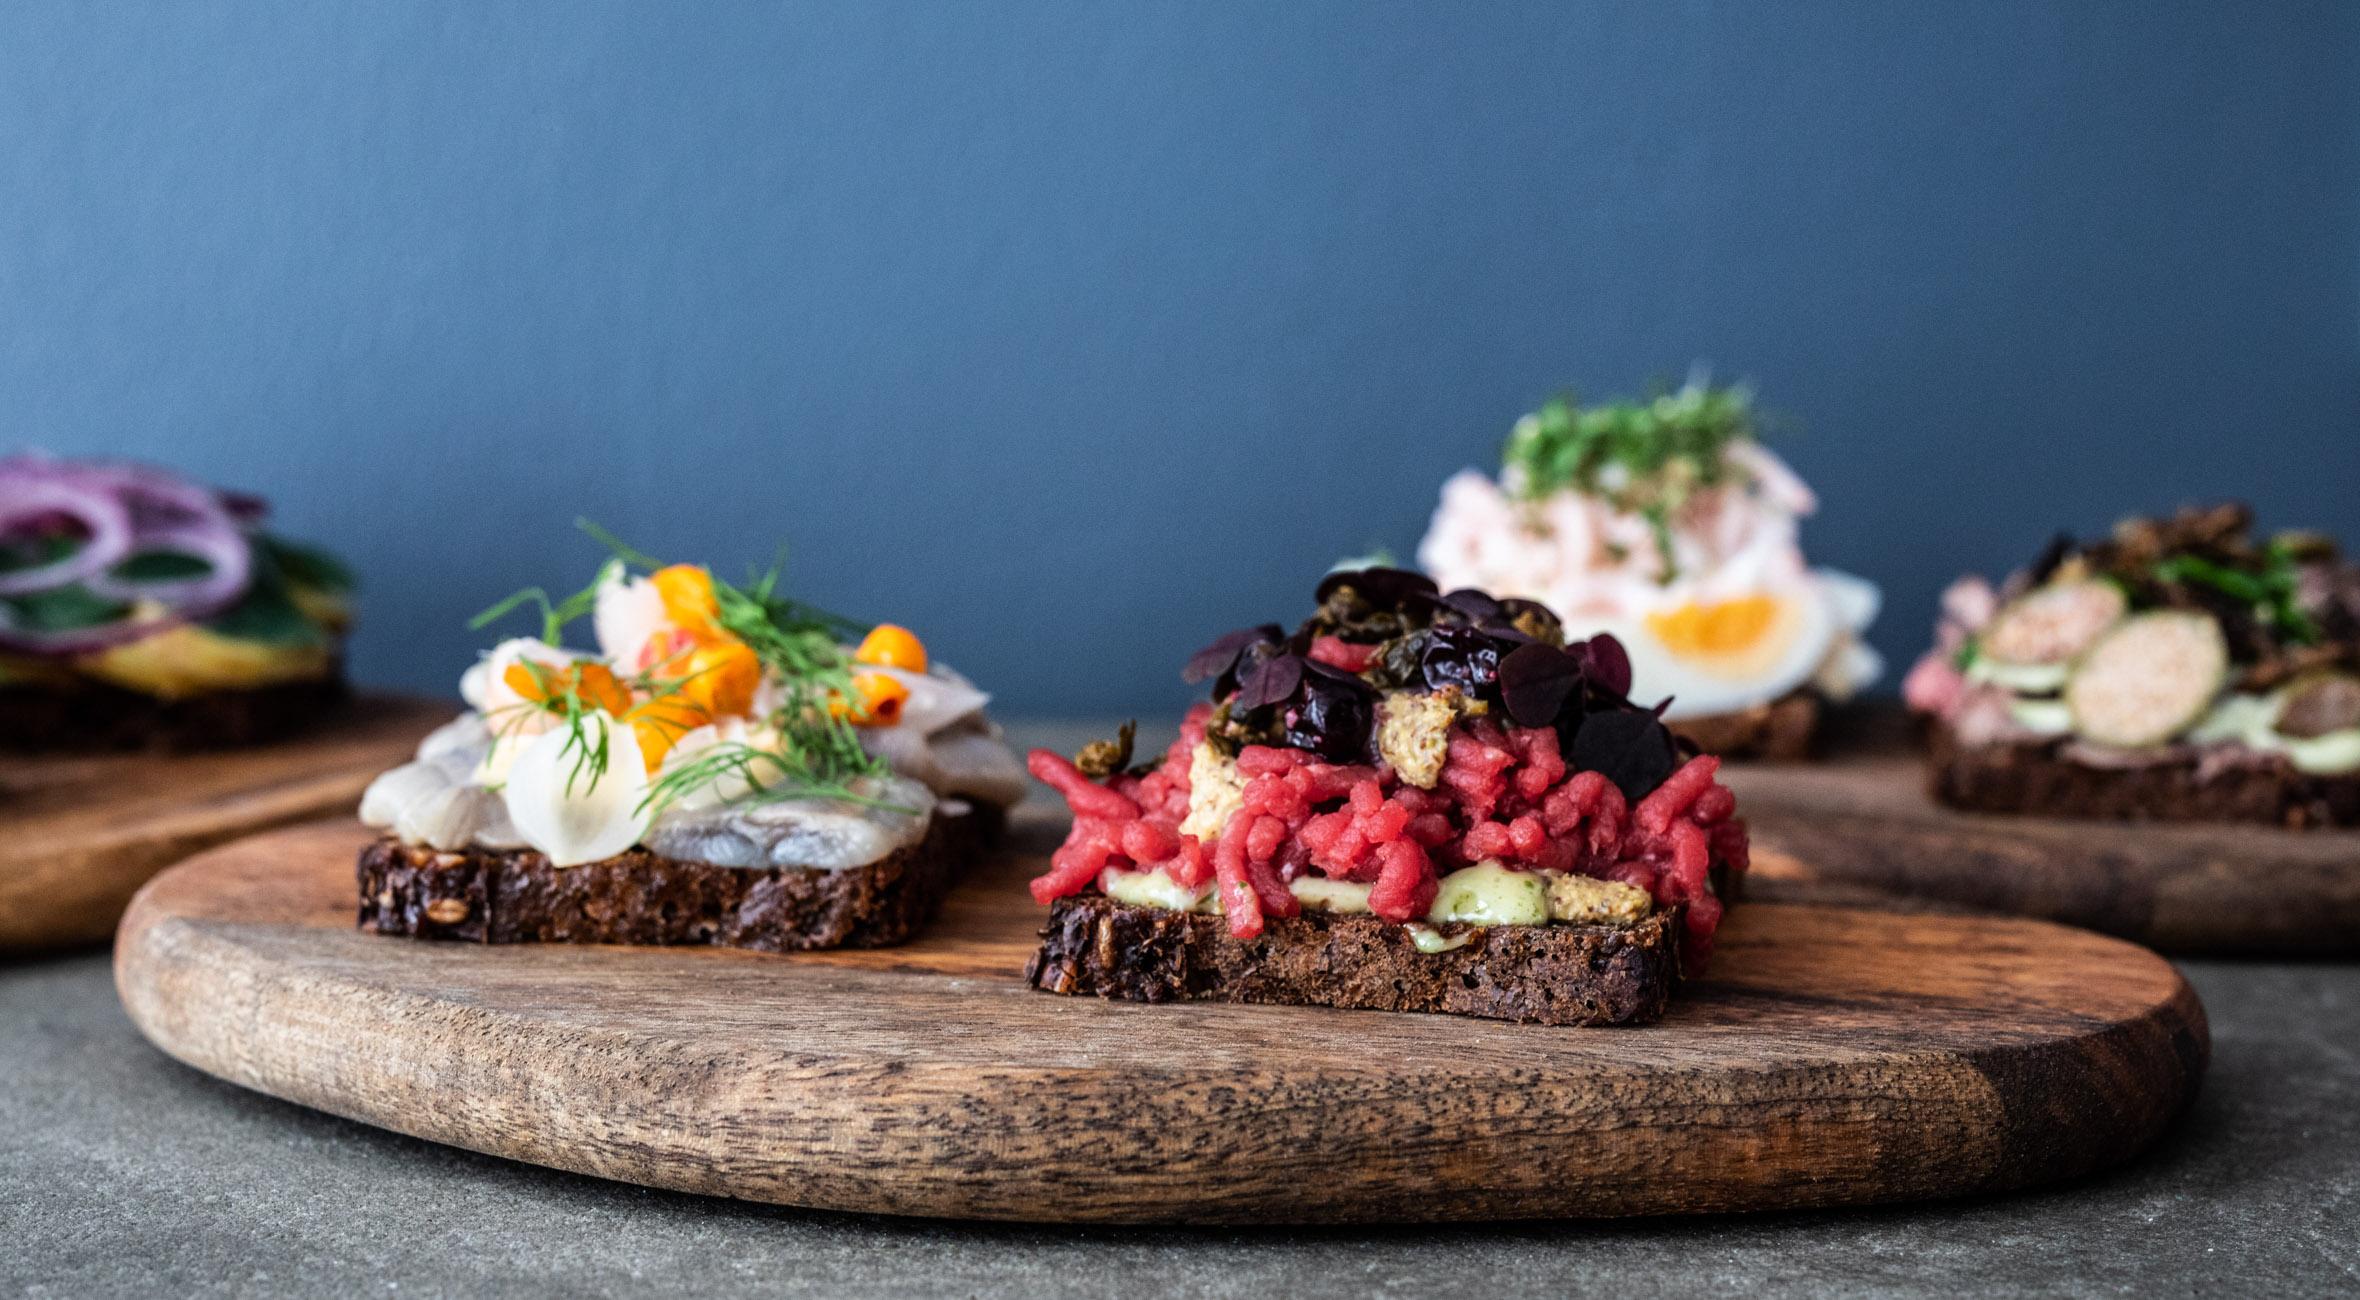 4 stk. smørrebrød til 2 personer hos Bar Rye – Hip smørrebrødsbar har slået dørene op i hjertet af København